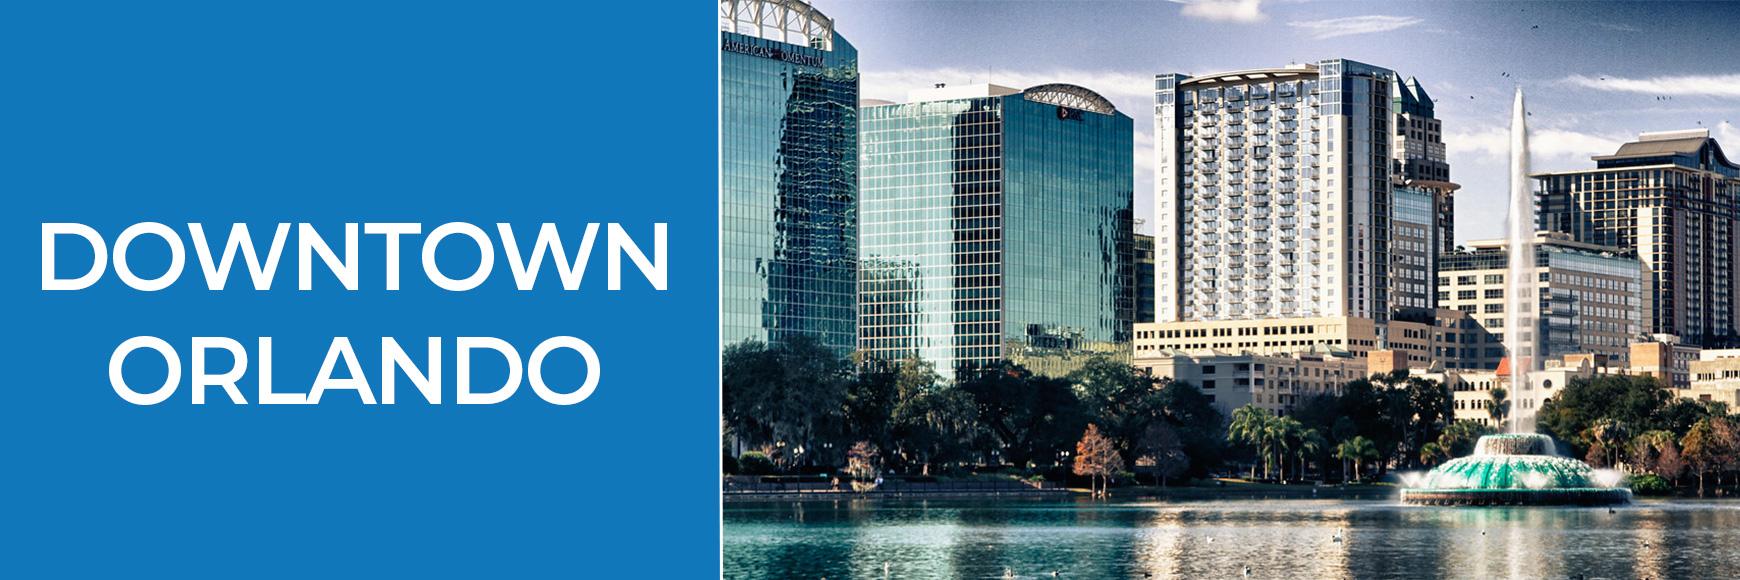 Imóveis em Downtown Orlando-Banner-Orlando Realtor Solutions